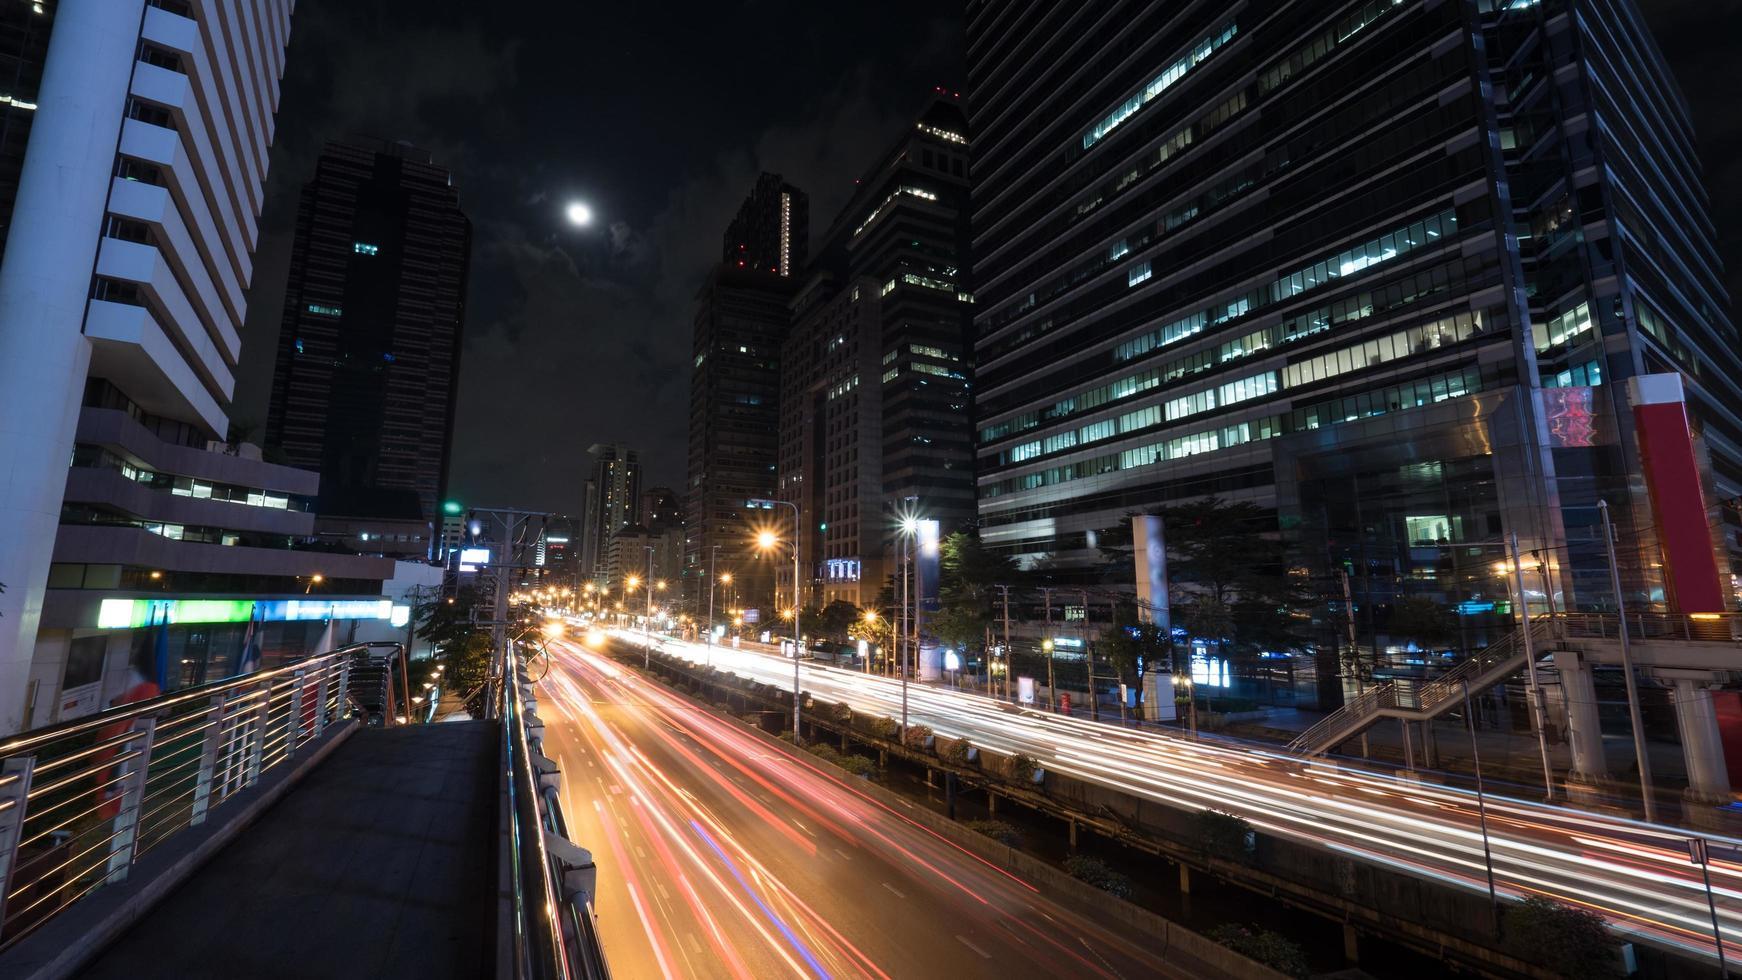 Bangkok, Thailand, 2020 - Car traffic at night photo